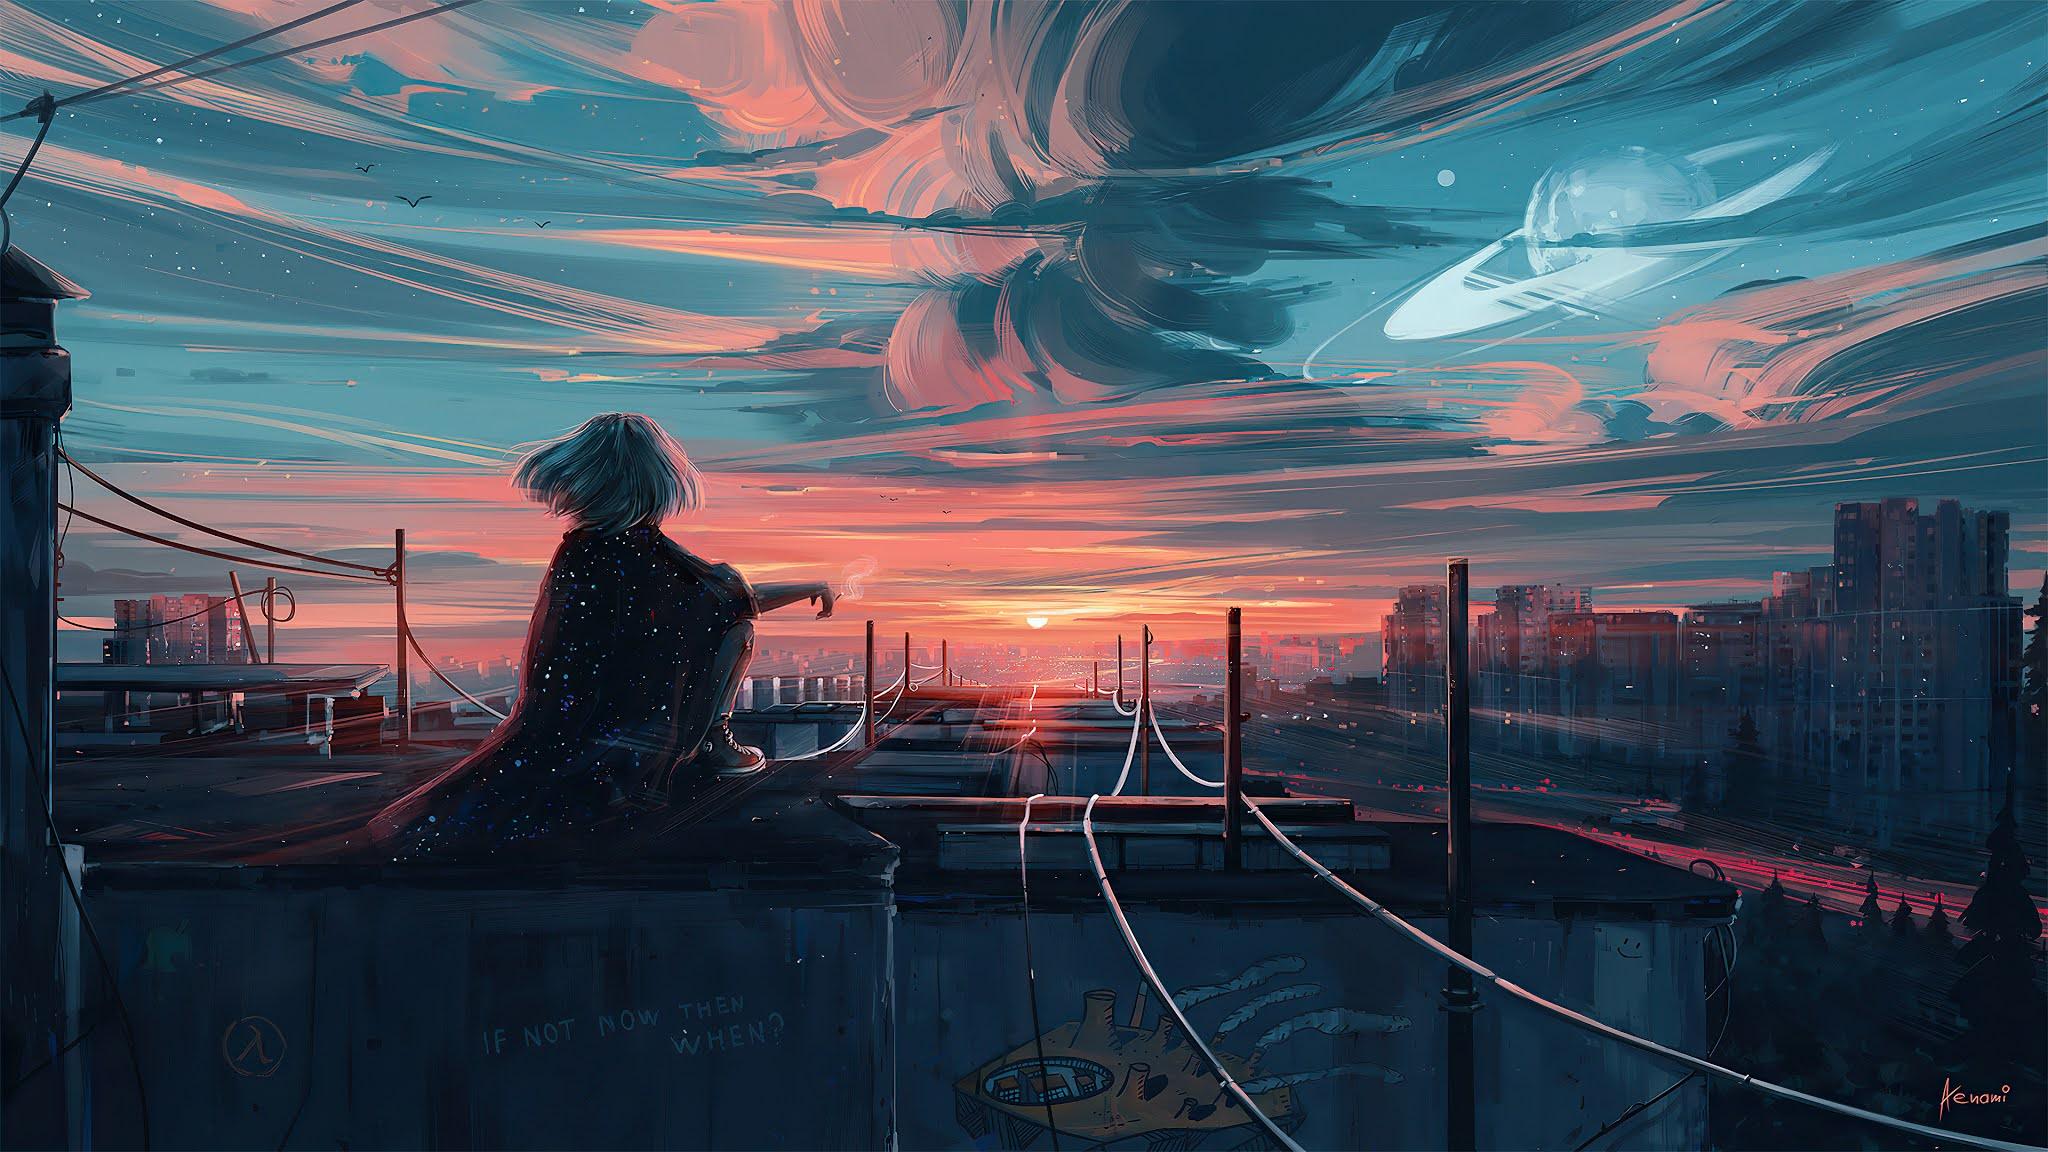 Anime Girl City Sunset Wallpaper